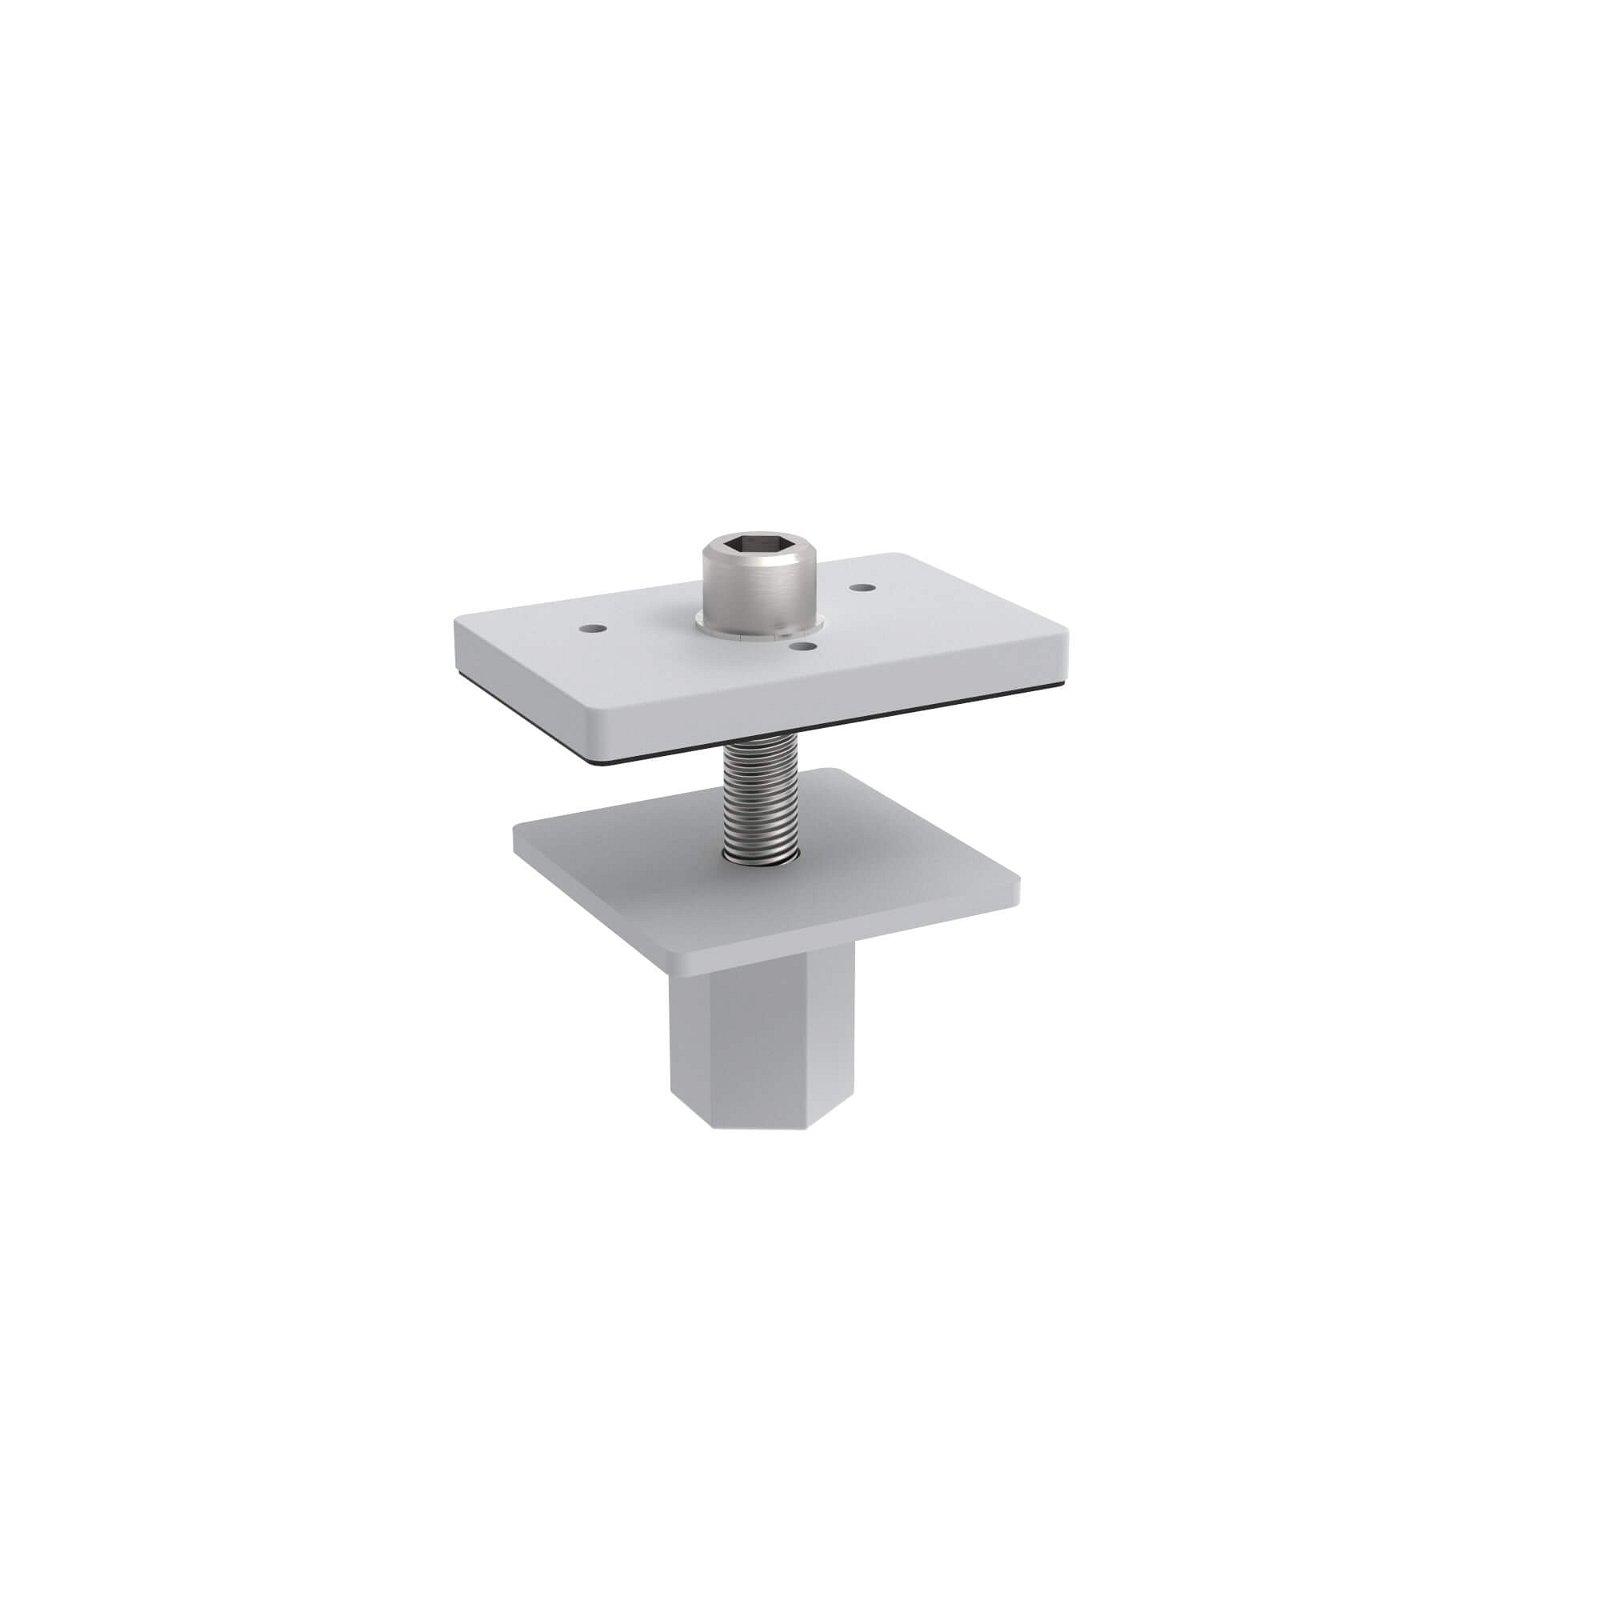 Tischeinbau Adapter für LED-Standleuchte MAULsirius